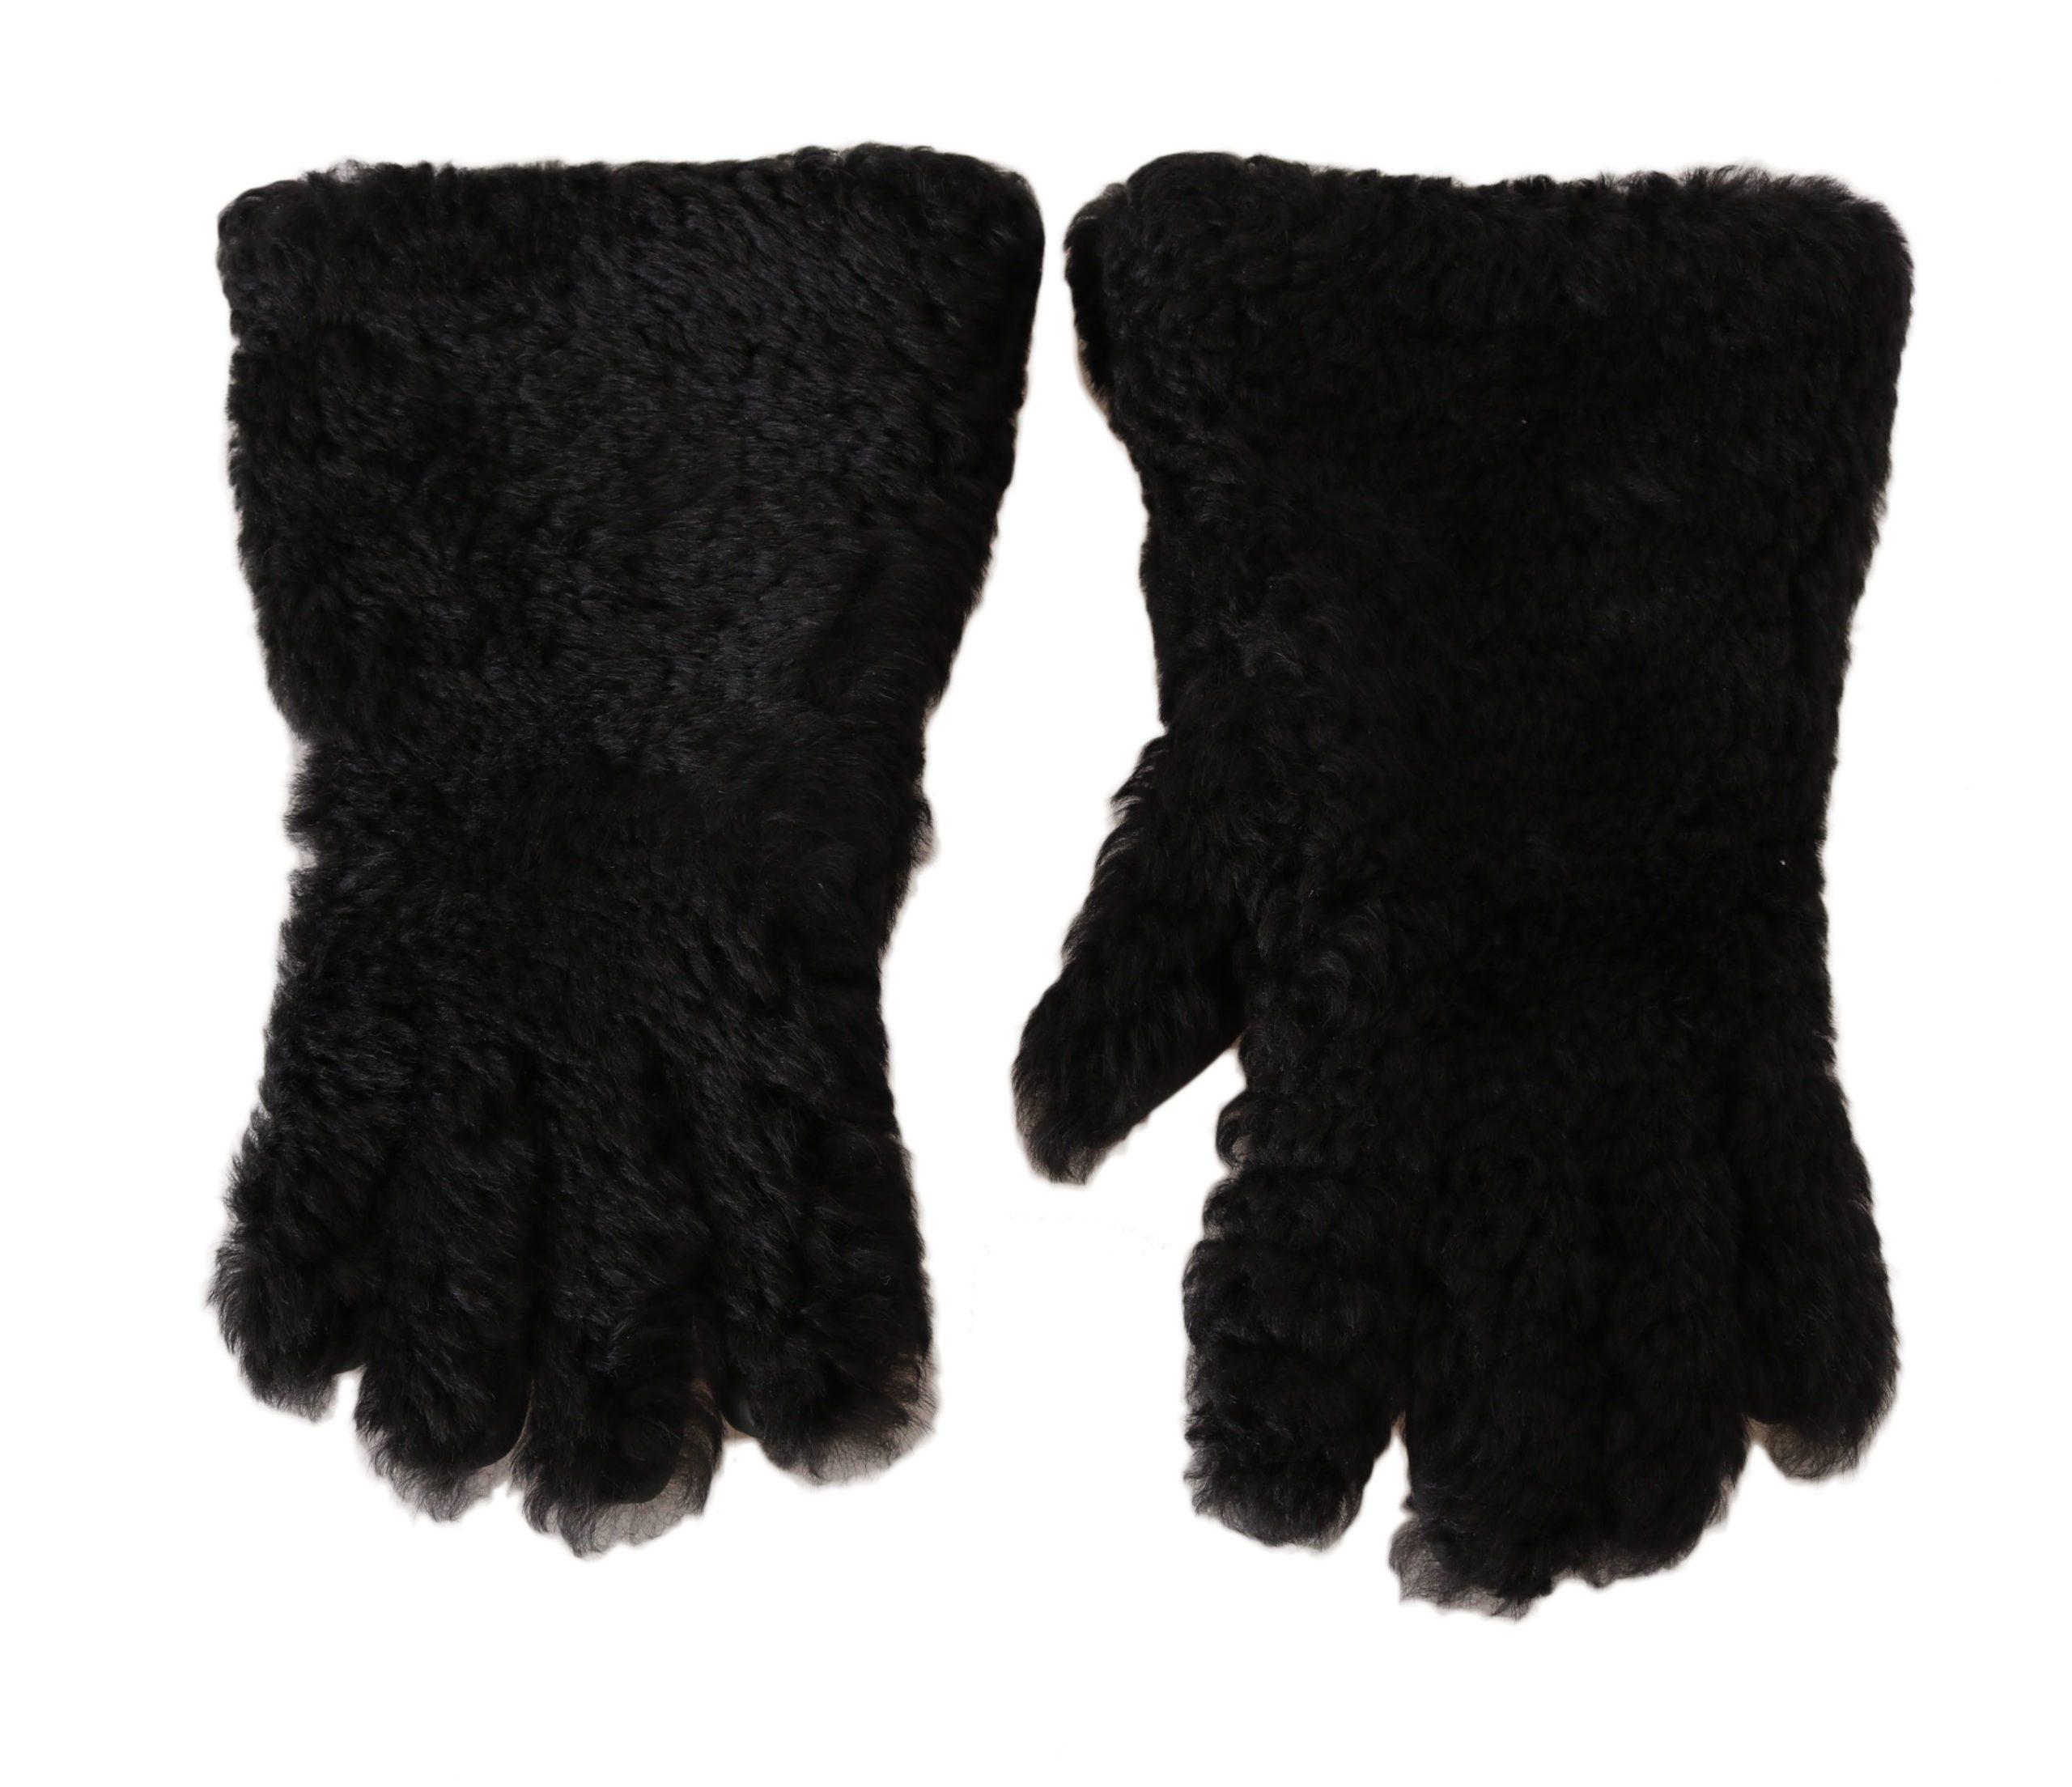 Dolce & Gabbana Men's Deerskin Lapin Lamb Fur Warm Gloves Black LB280 - 9|M